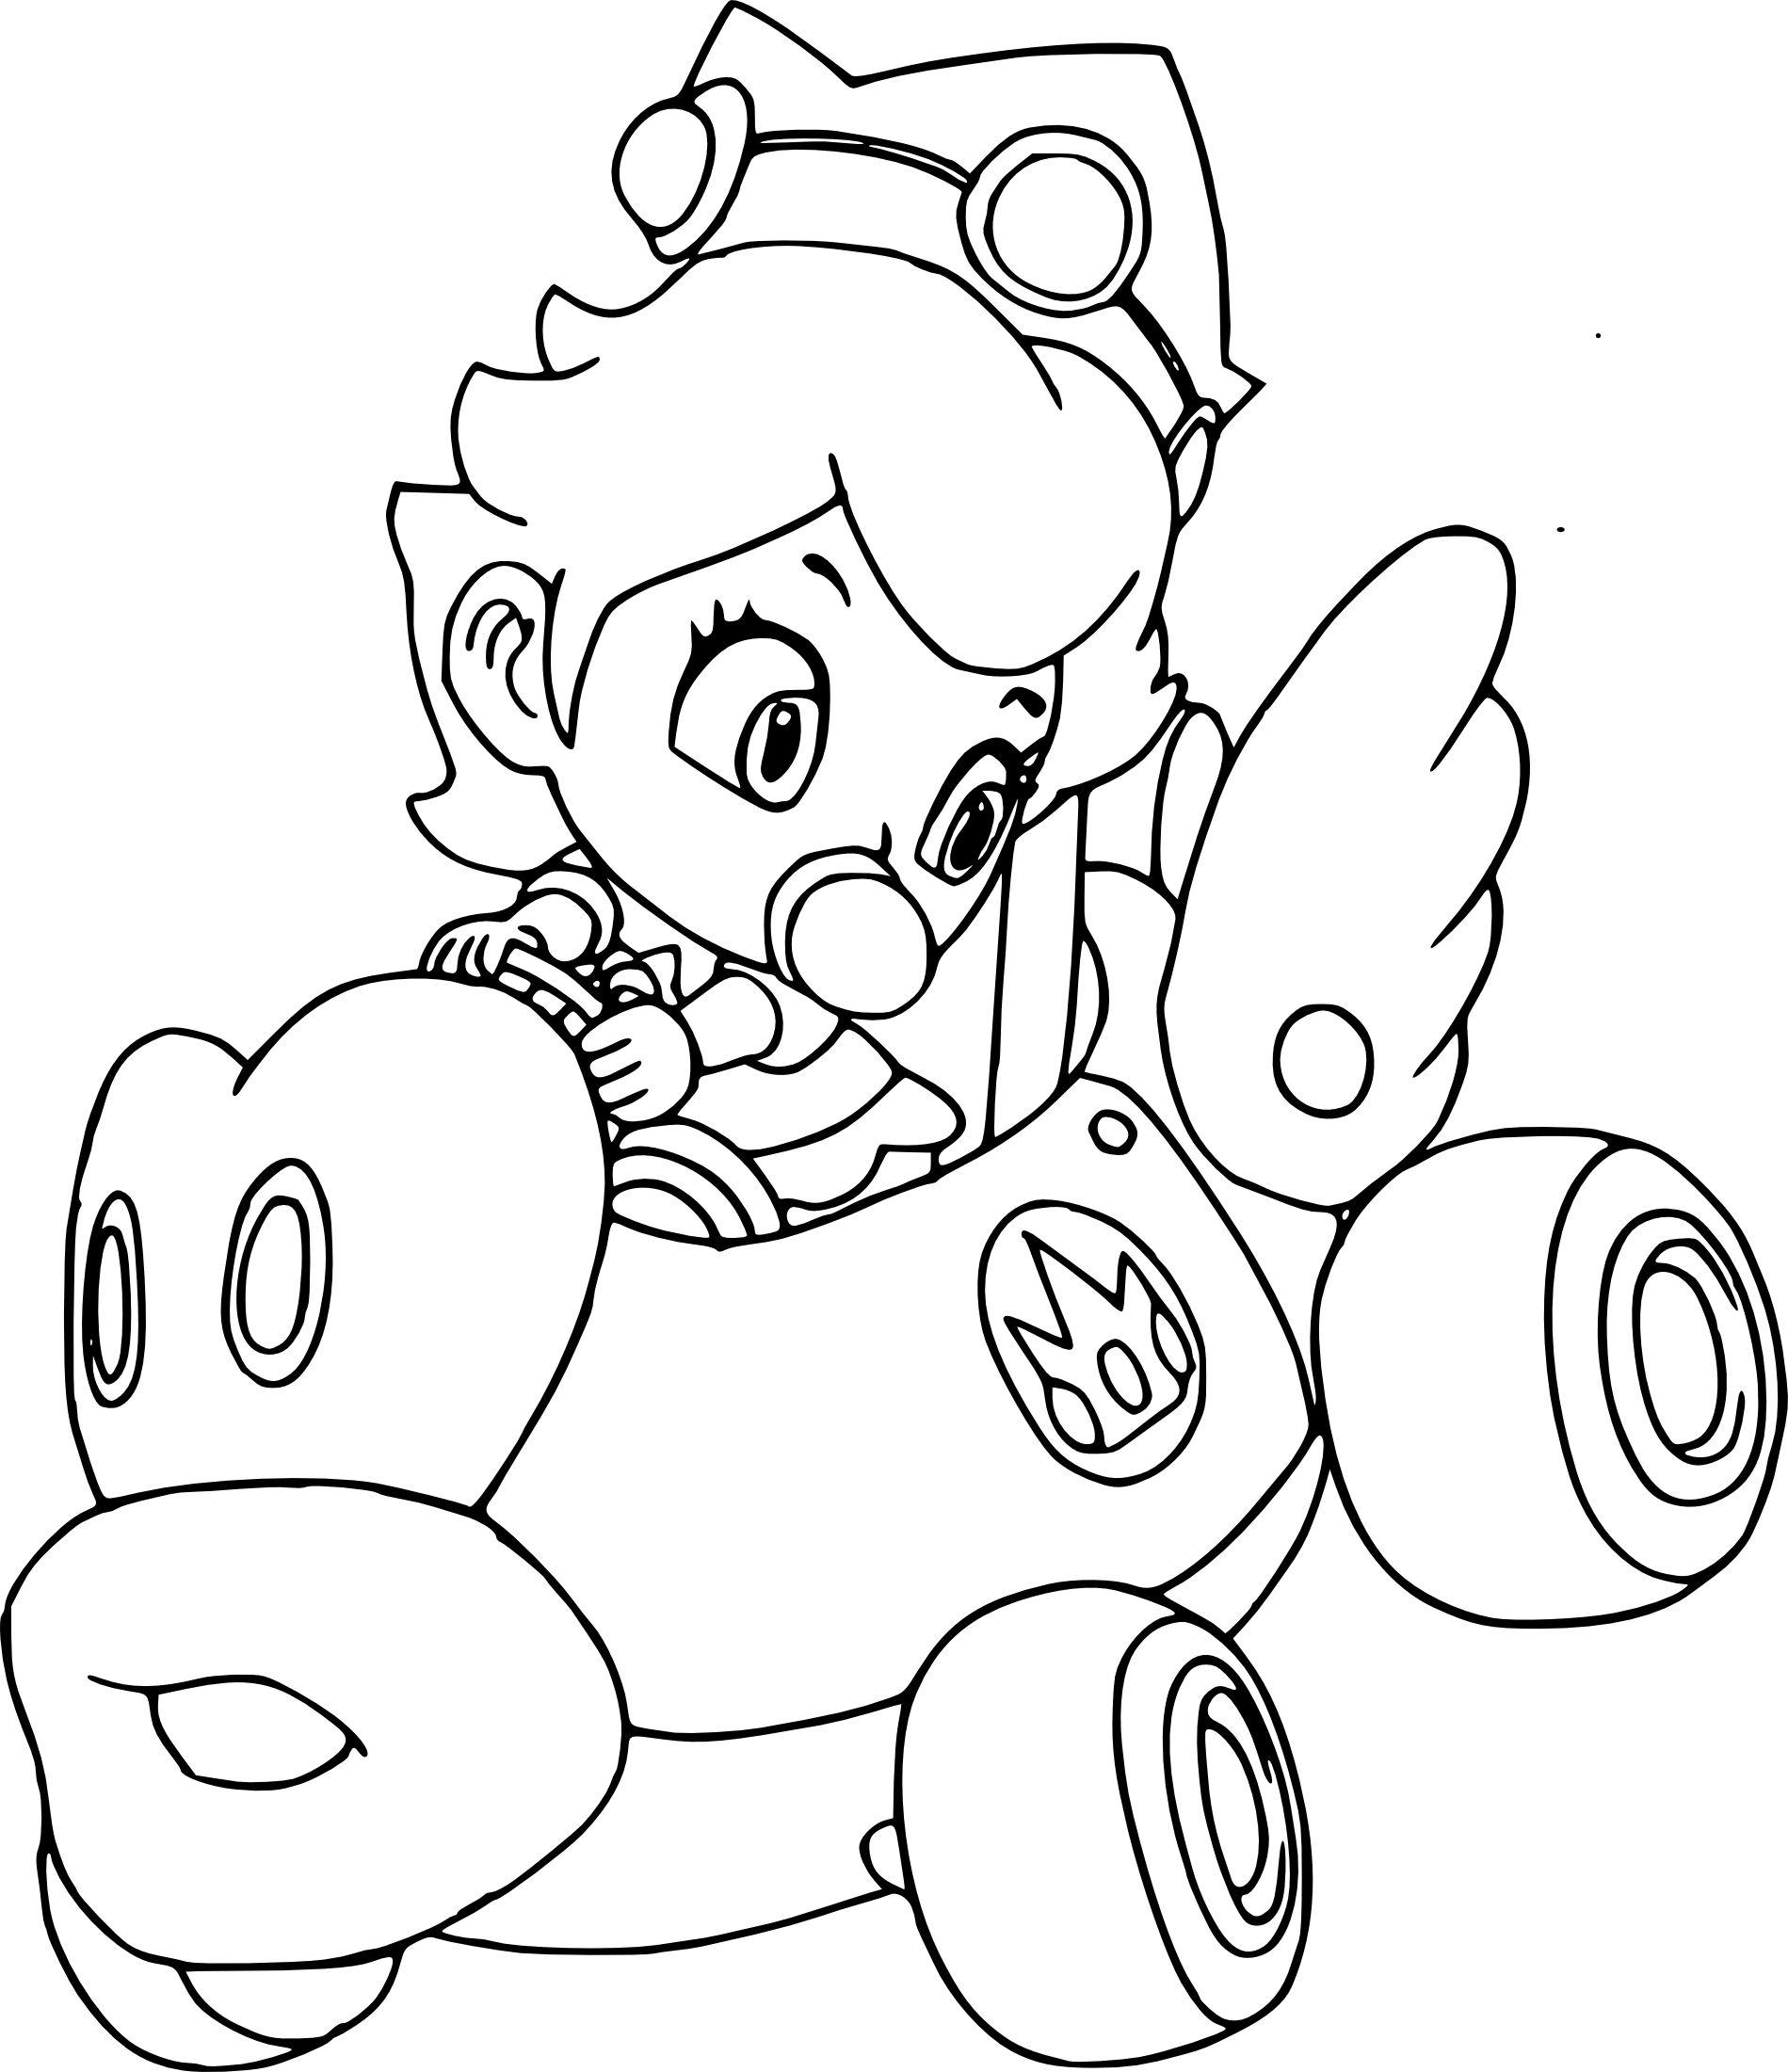 New 16 Coloriage Mario Kart Coloriage Mario Coloriage Coloriage Mario Kart